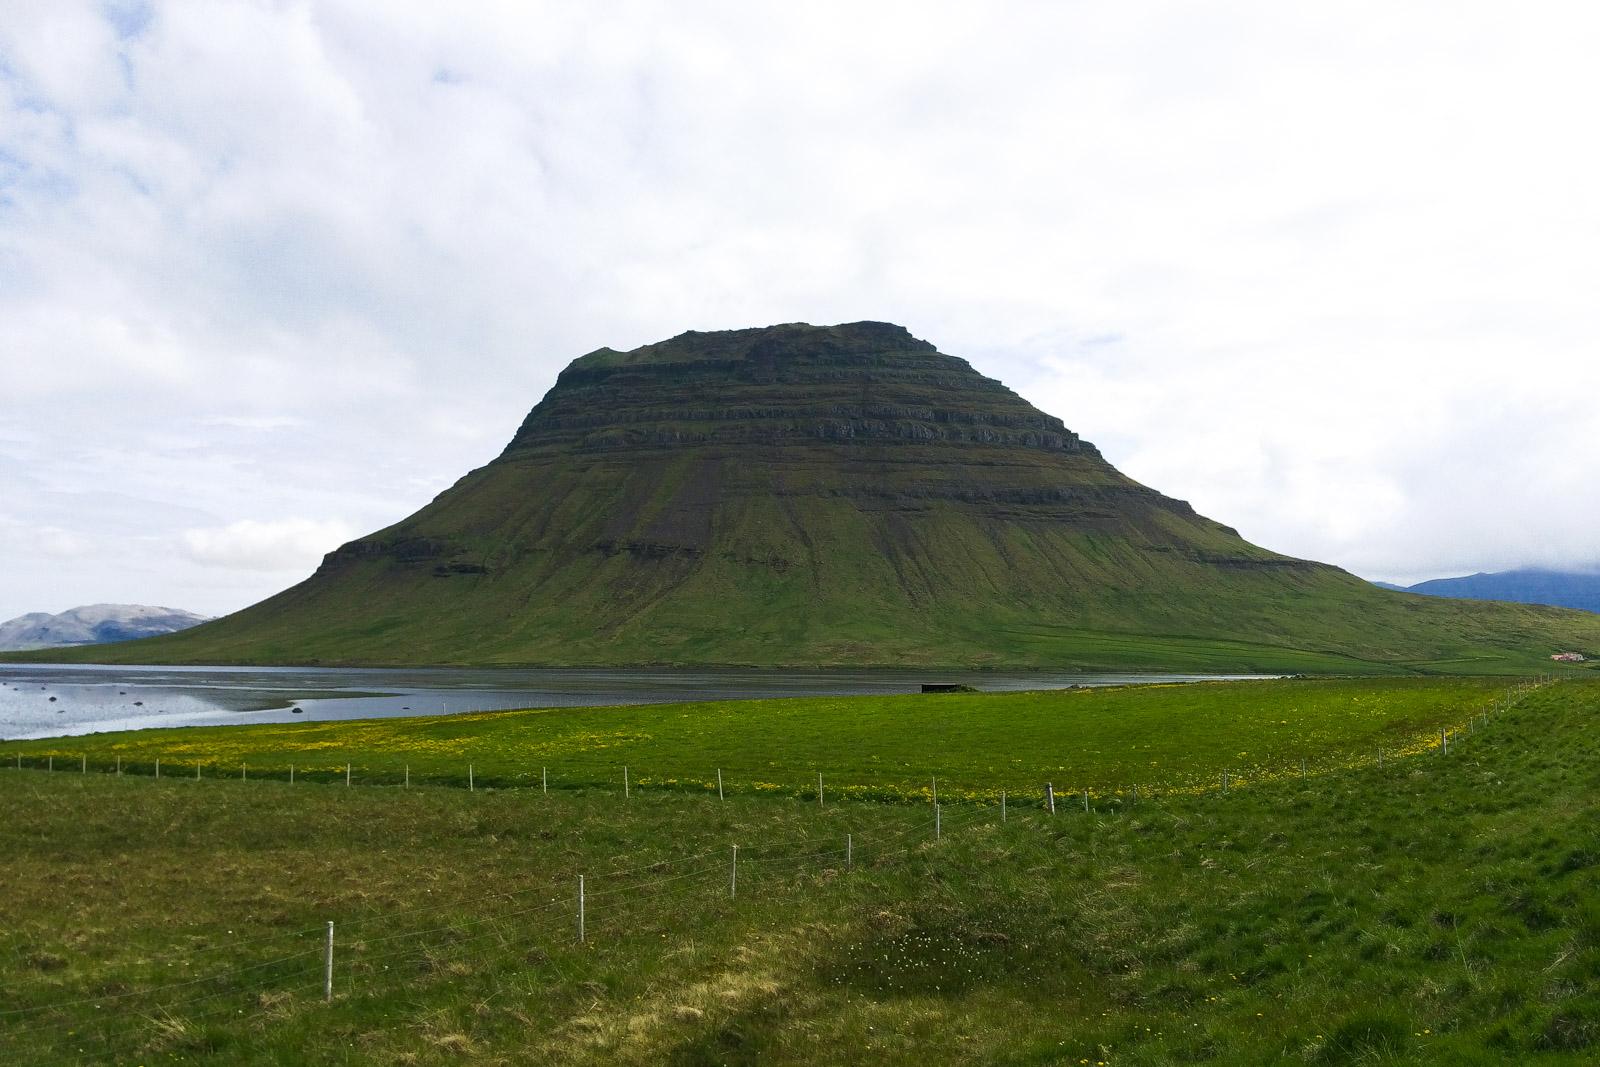 Der Kirkjufell hat die Form einer Kirche, finden die Isländer. Daher sein Name.